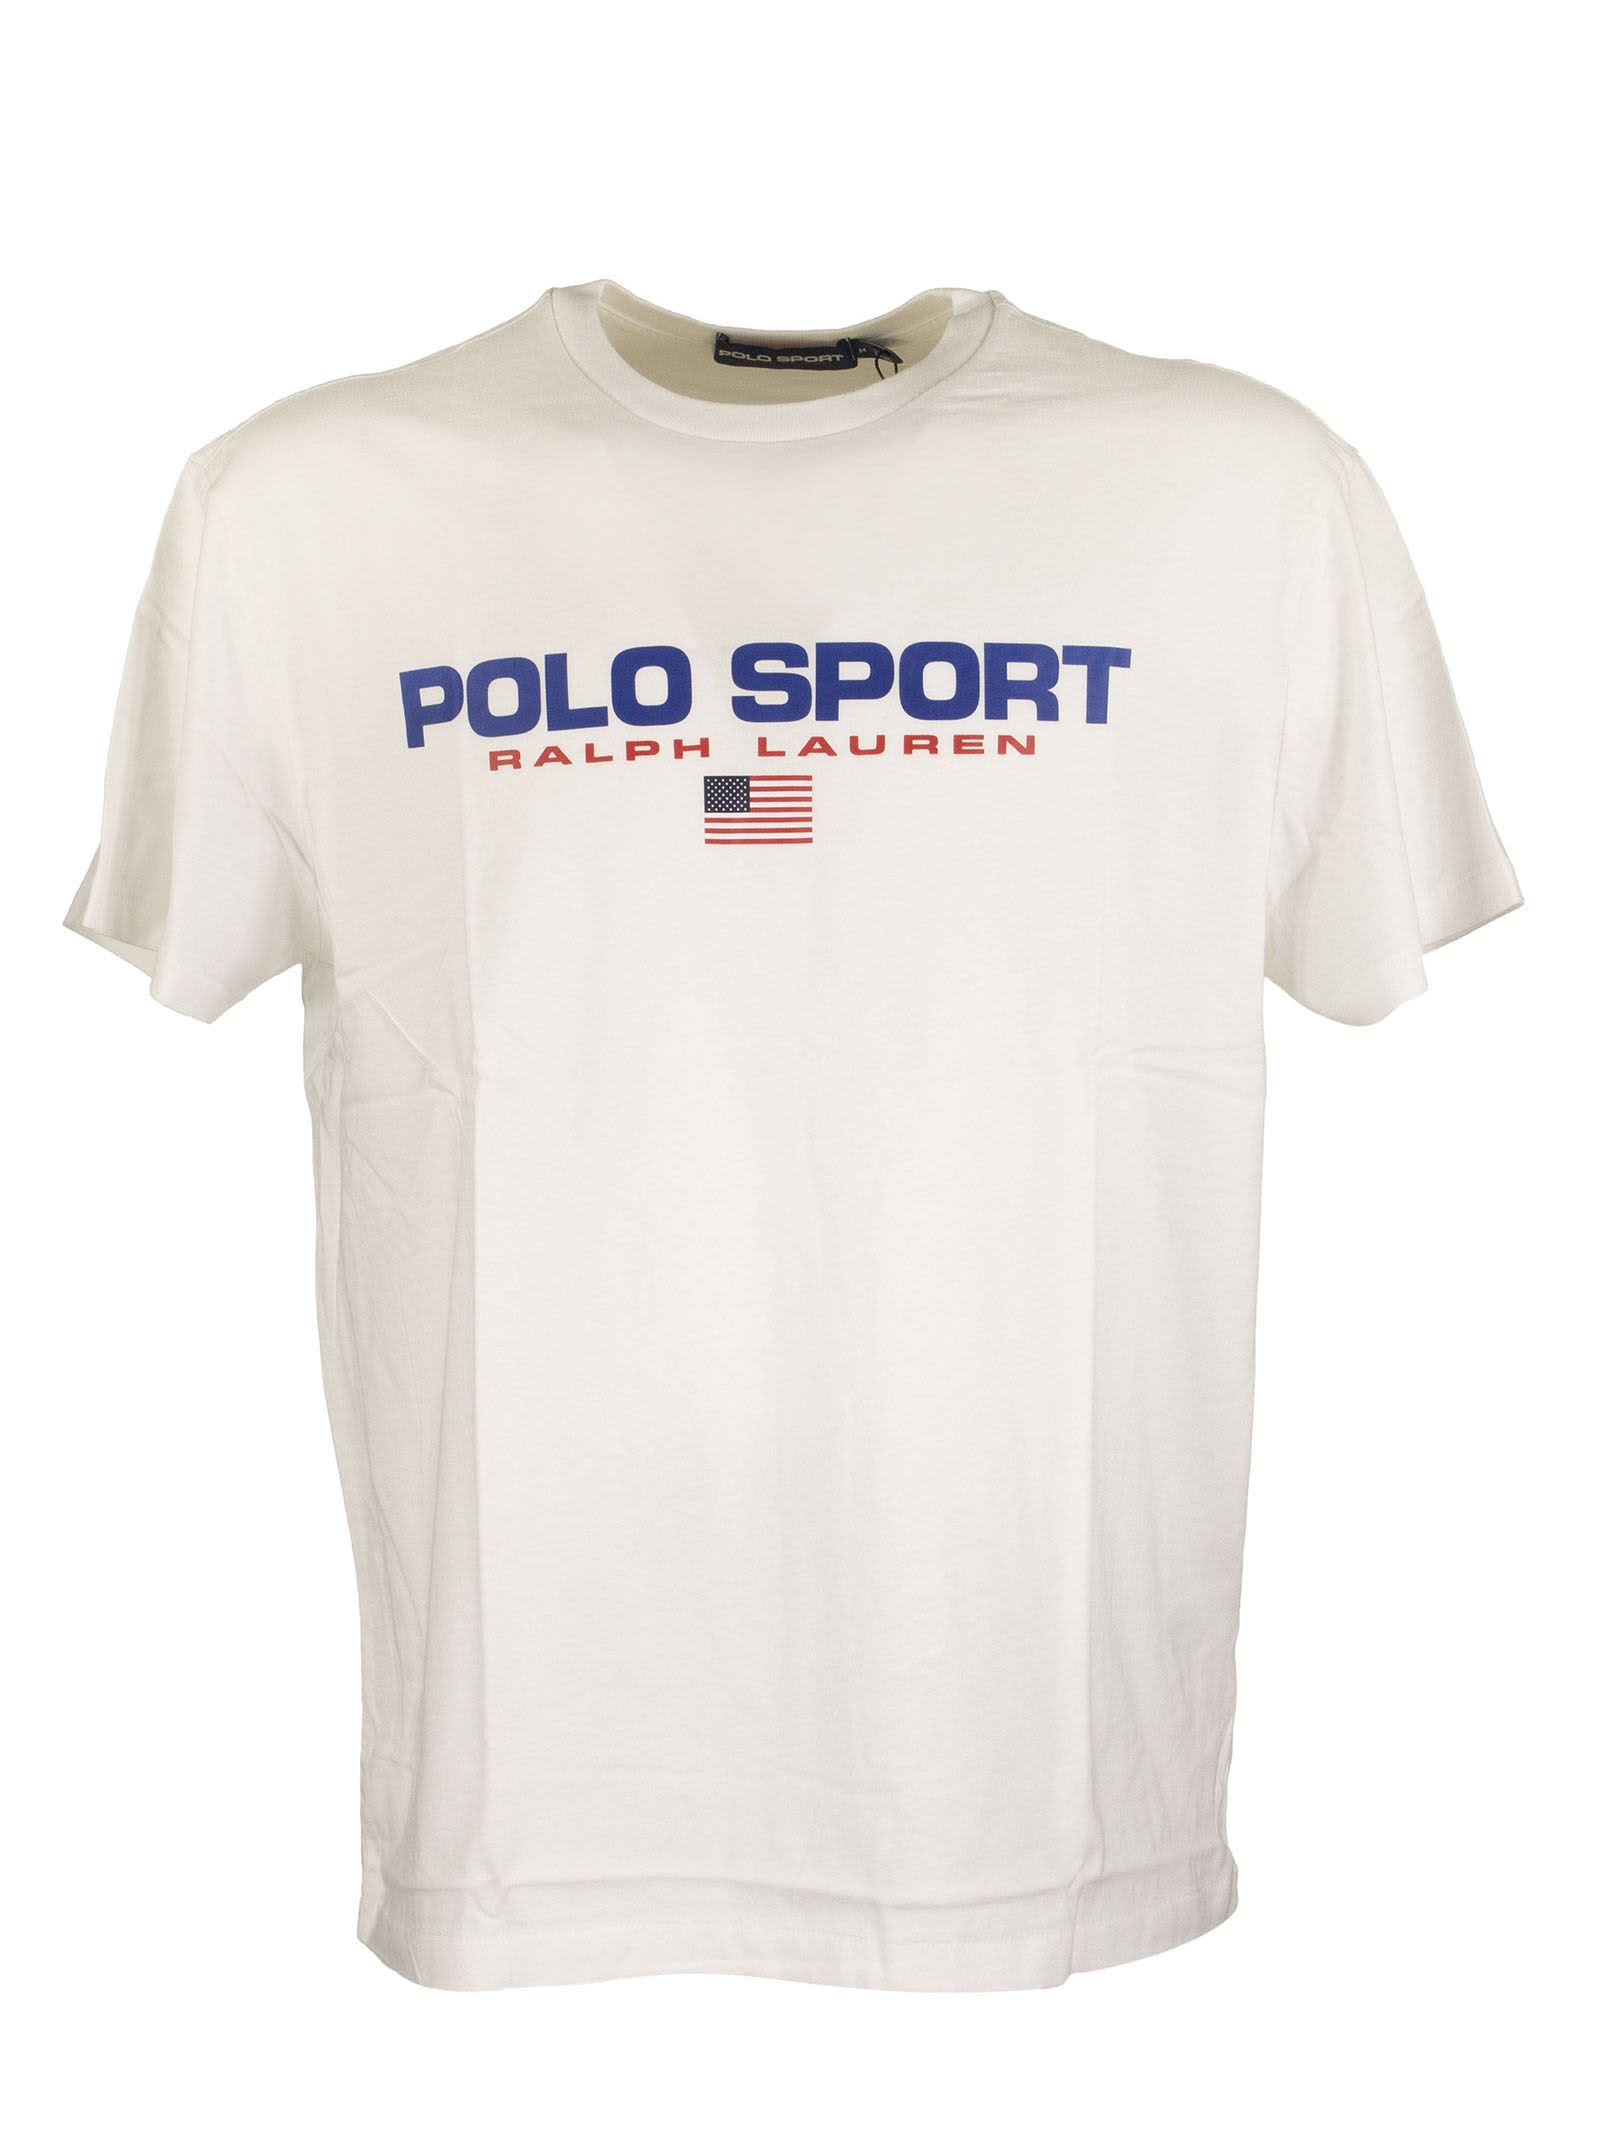 Ralph Lauren Classic Fit Polo Sport T-shirt